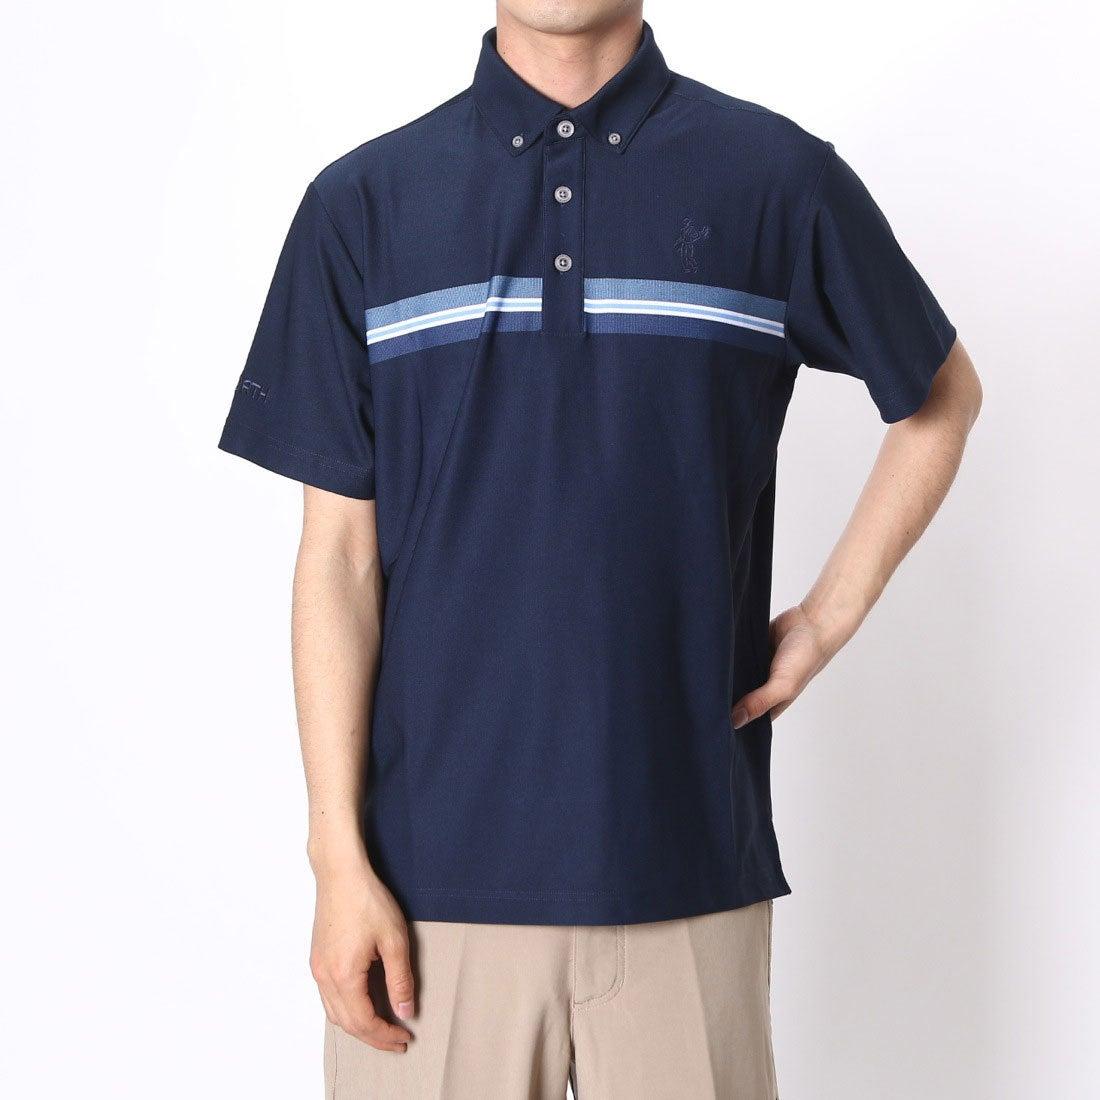 【SALE 46%OFF】【アウトレット】アシュワース ASHWORTH ゴルフシャツ S/S チェストラインドB.D.シャツ KGL94 (ネイビー) メンズ